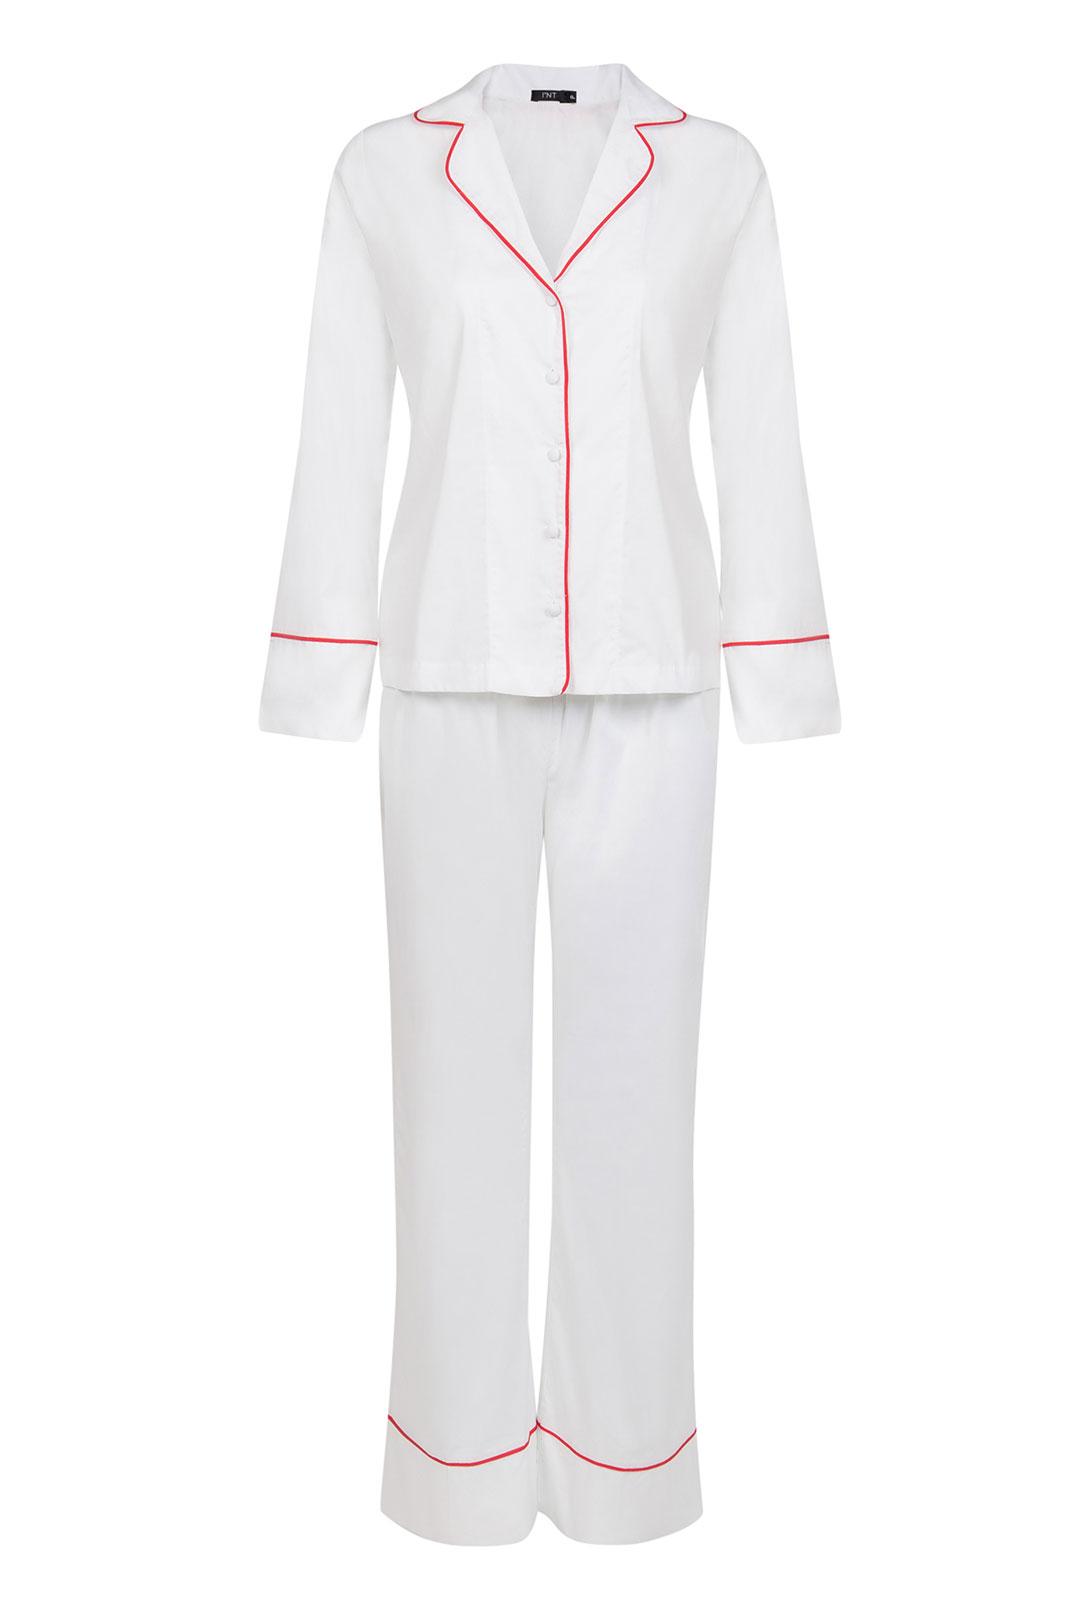 Pijama Branco 100% Algodão